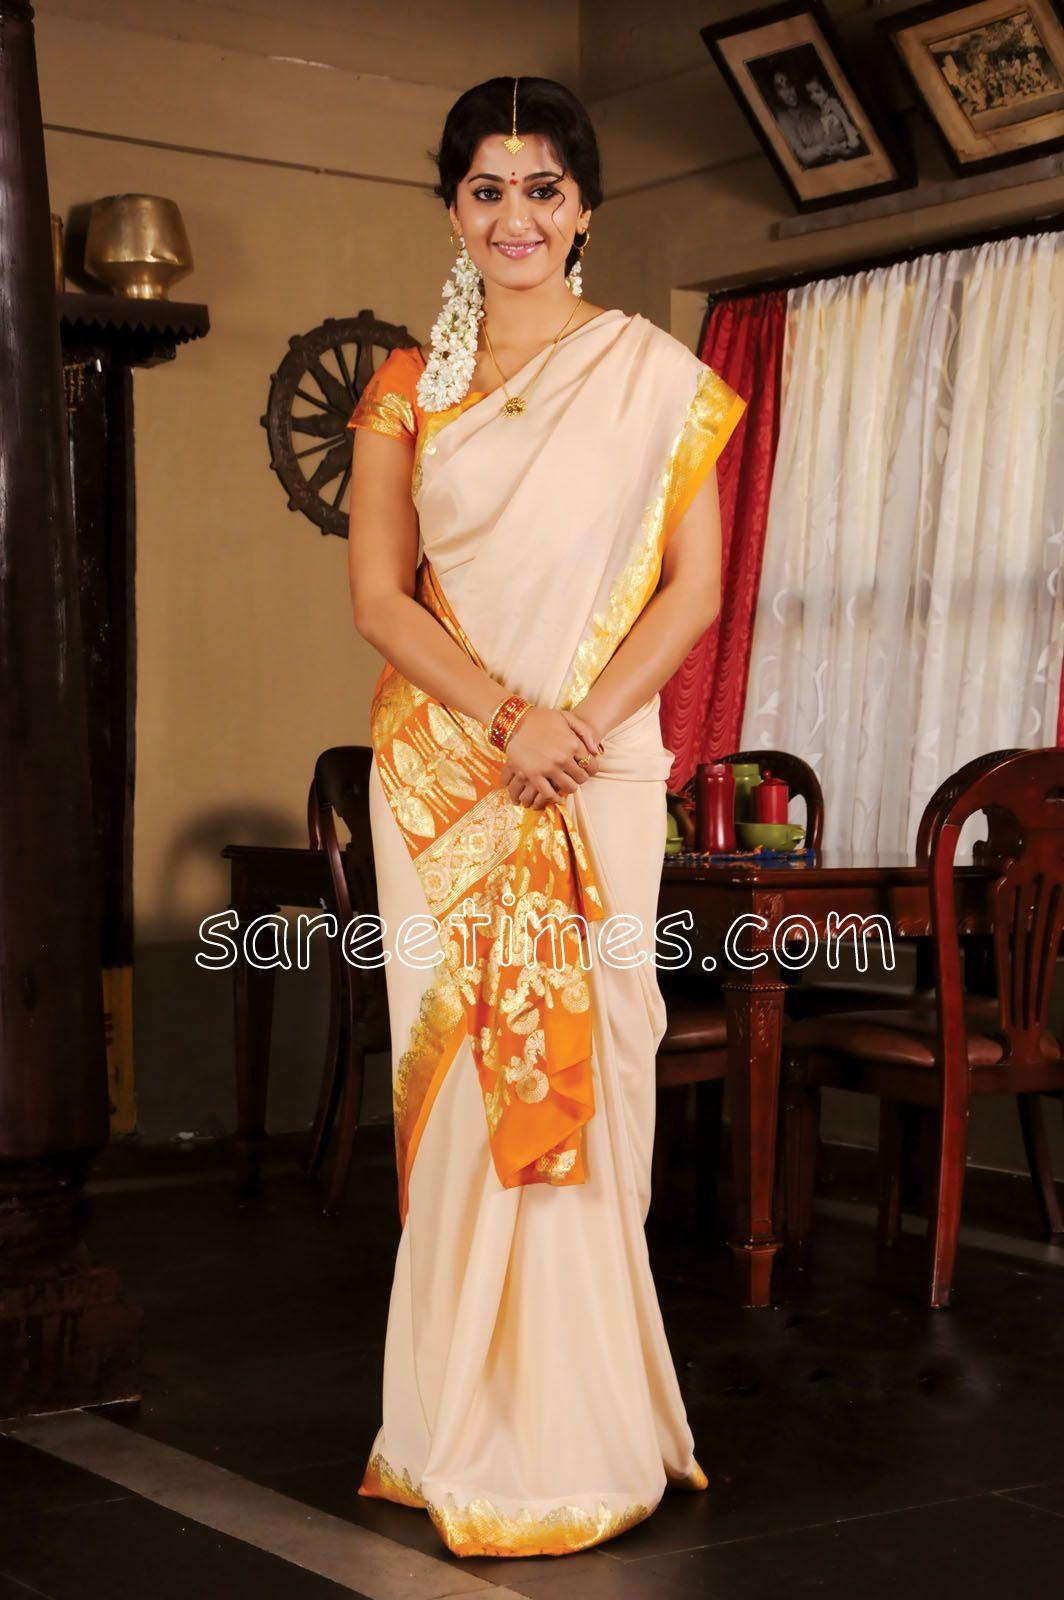 http://3.bp.blogspot.com/_58_qEOwiSDY/S-T11m42CgI/AAAAAAAACy4/9lcrayMyw9Y/s1600/Anushka-White-Saree.jpg